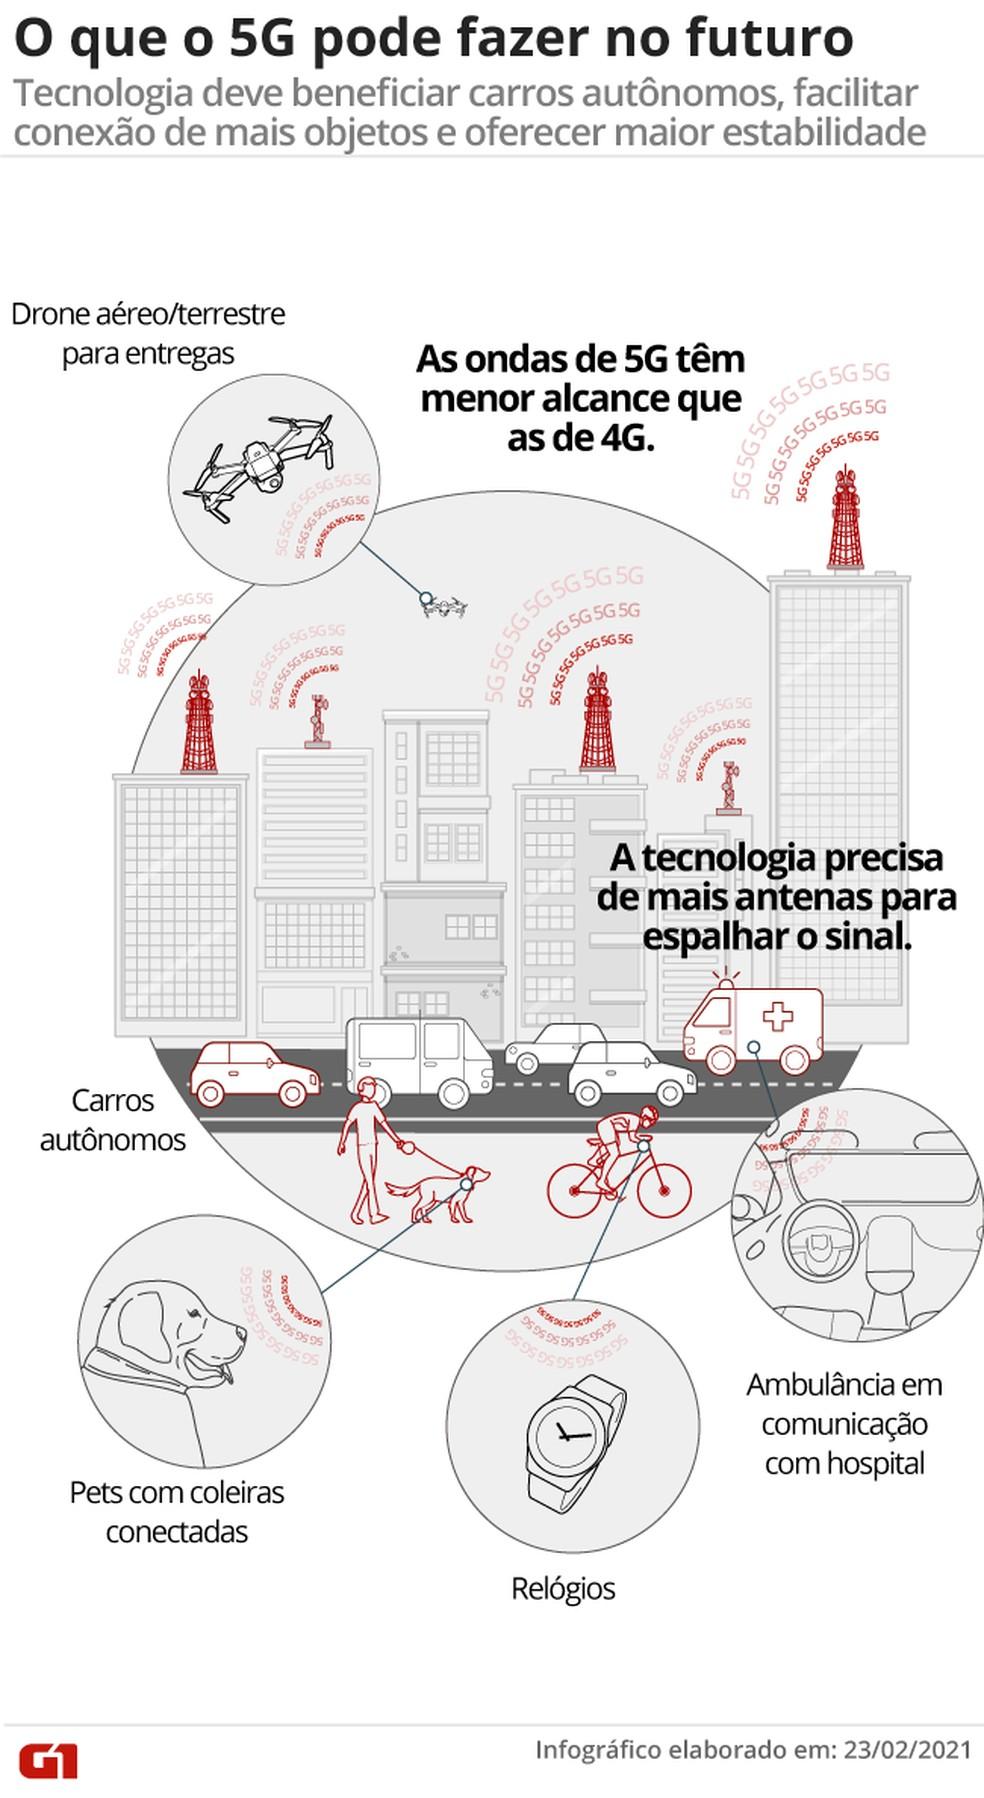 Infográfico mostra aplicações do 5G. — Foto: Wagner Magalhães/Arte G1